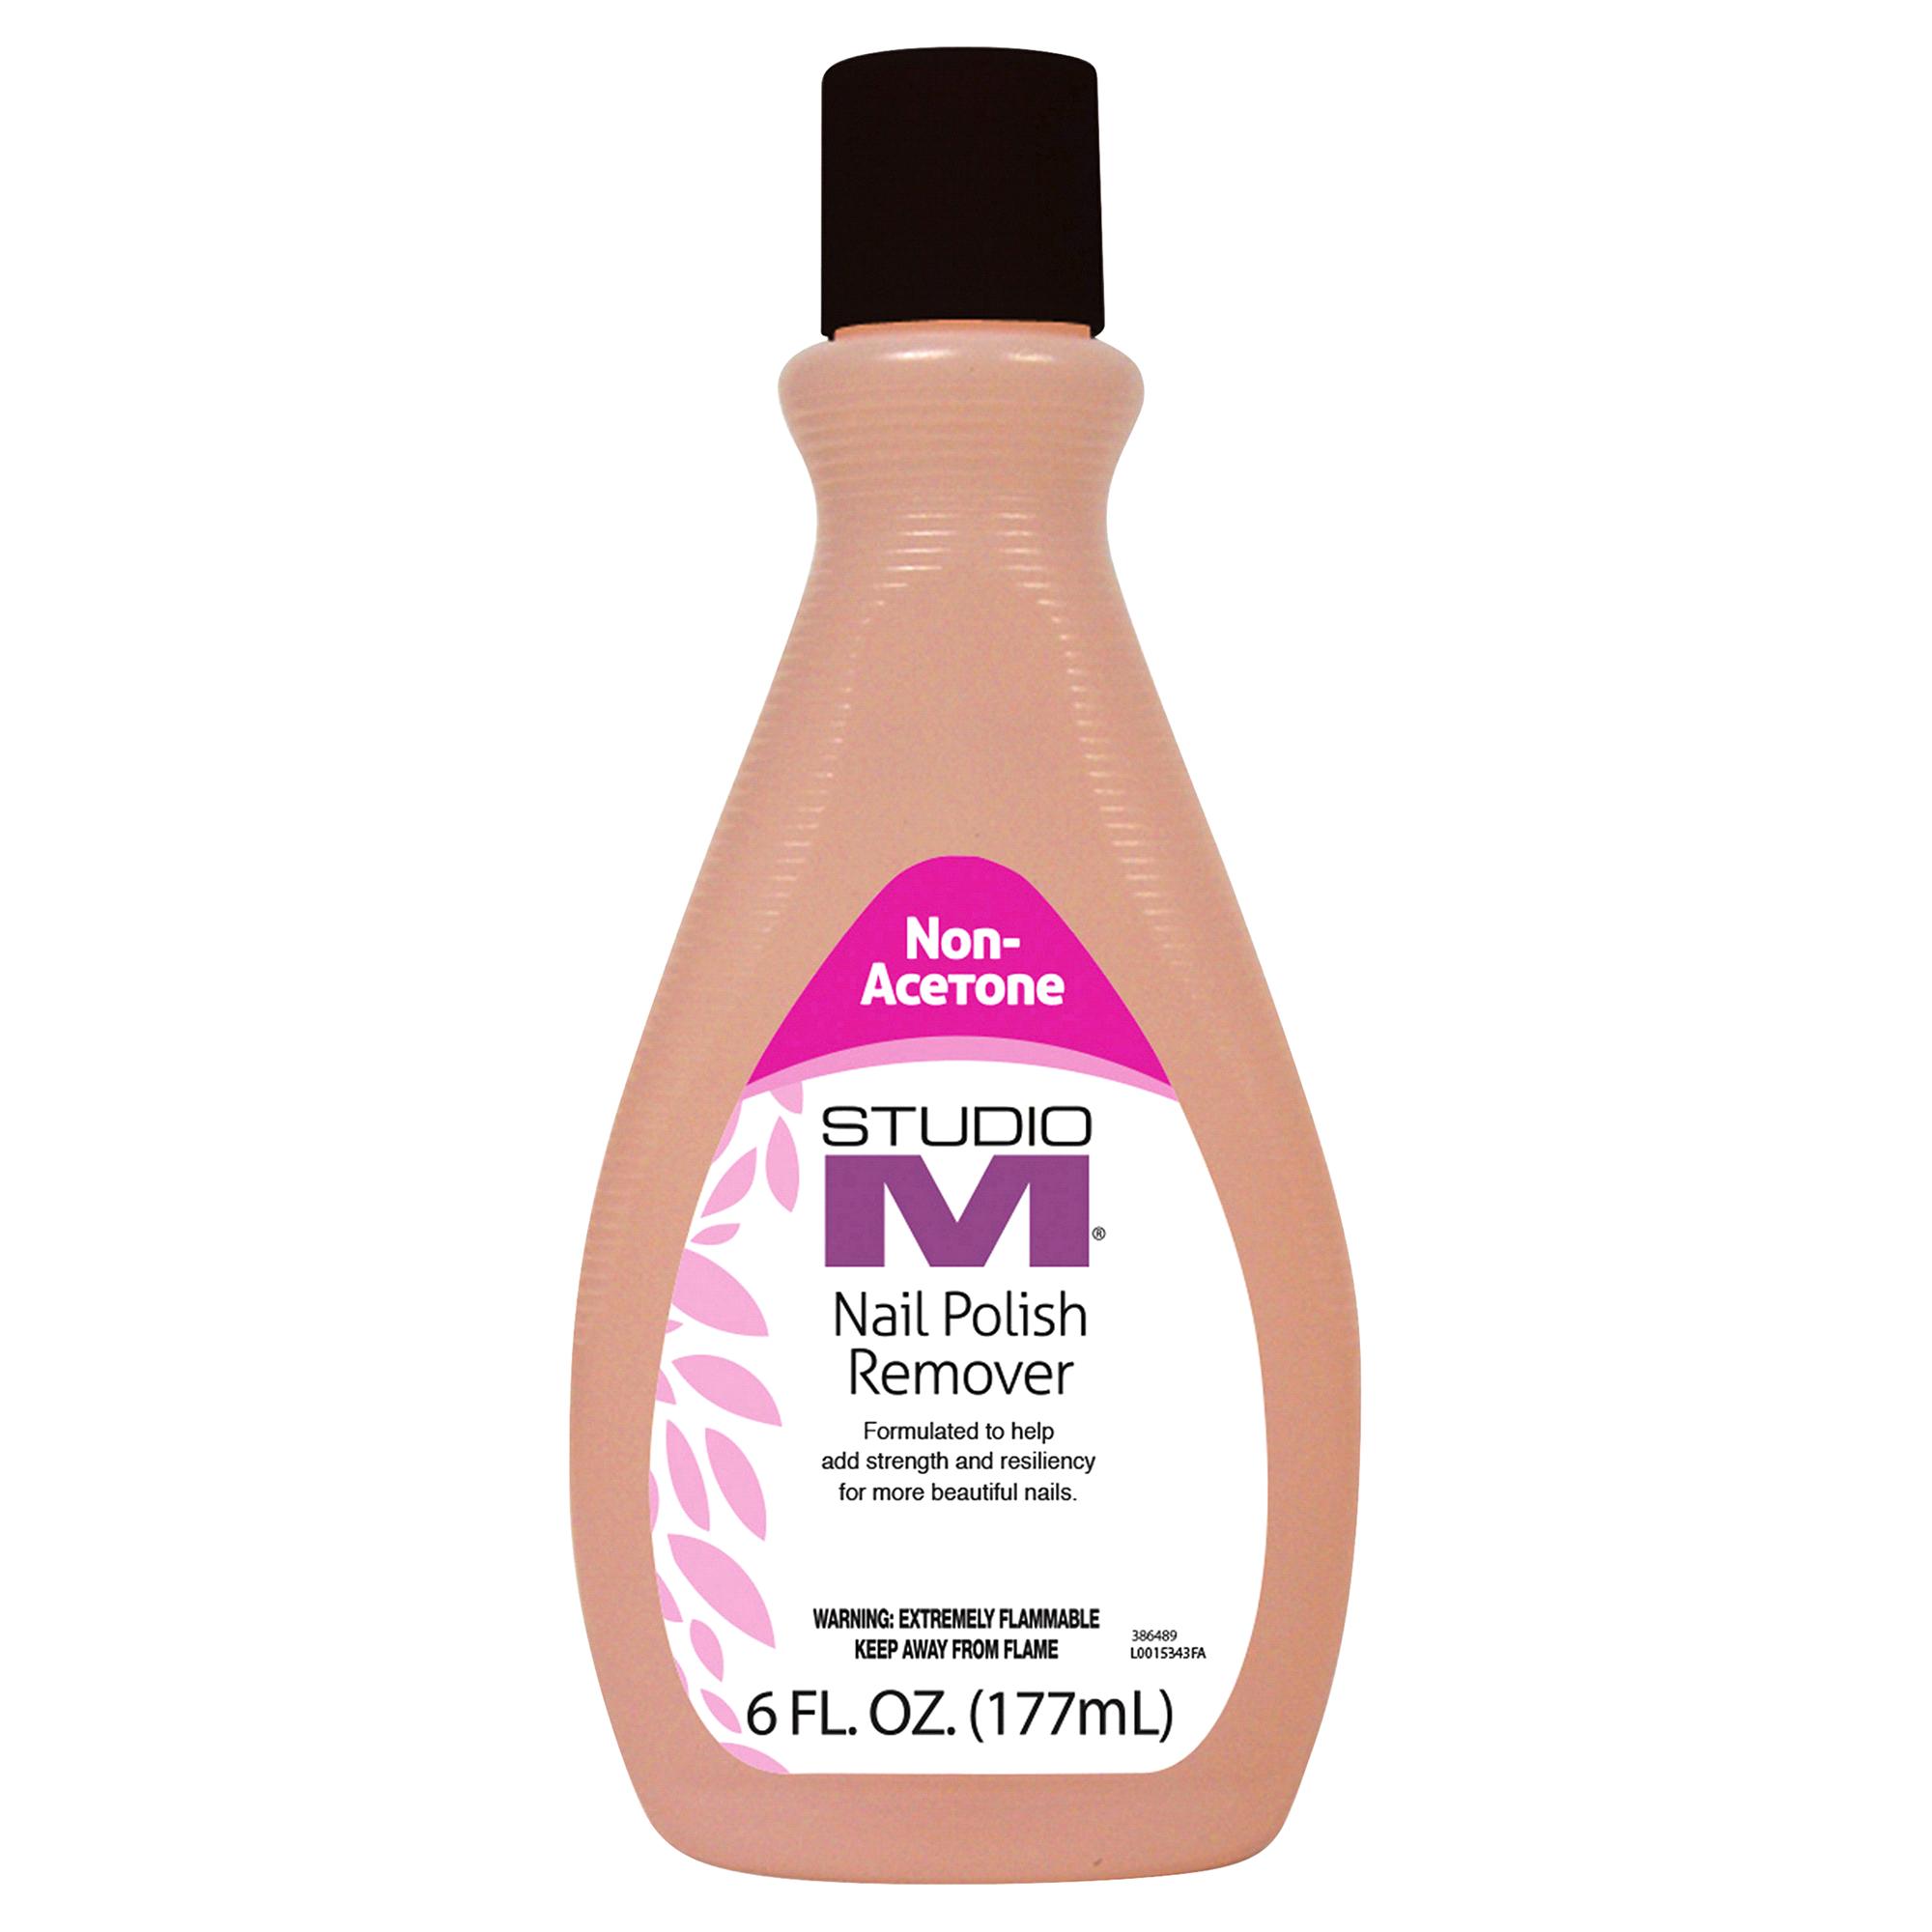 Studio M Non Acetone Nail Polish Remover 6 oz | Meijer.com